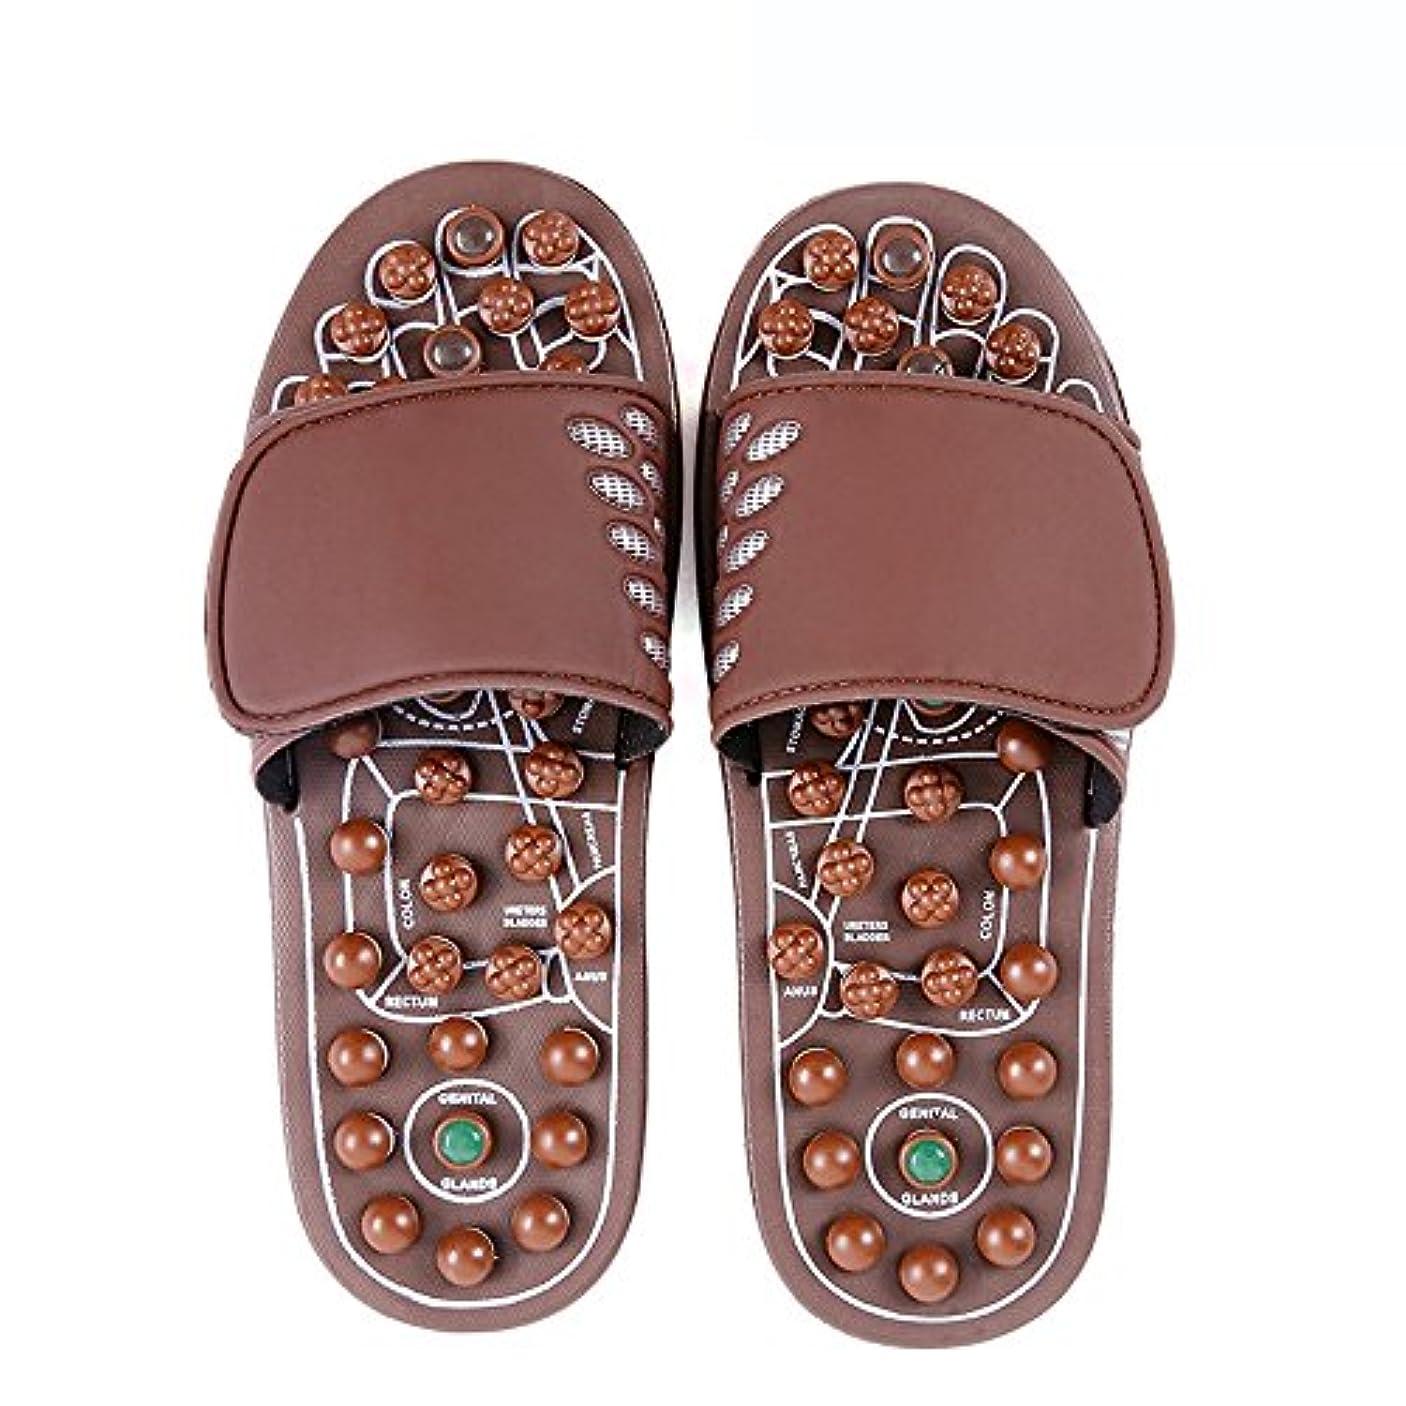 火曜日援助する突破口快適 ジェイドマッサージスリッパ女性の足指圧ホームシューズ滑り止めスリッパ屋内マッサージシューズ(オプションのサイズ) 増加した (サイズ さいず : L(43-46))